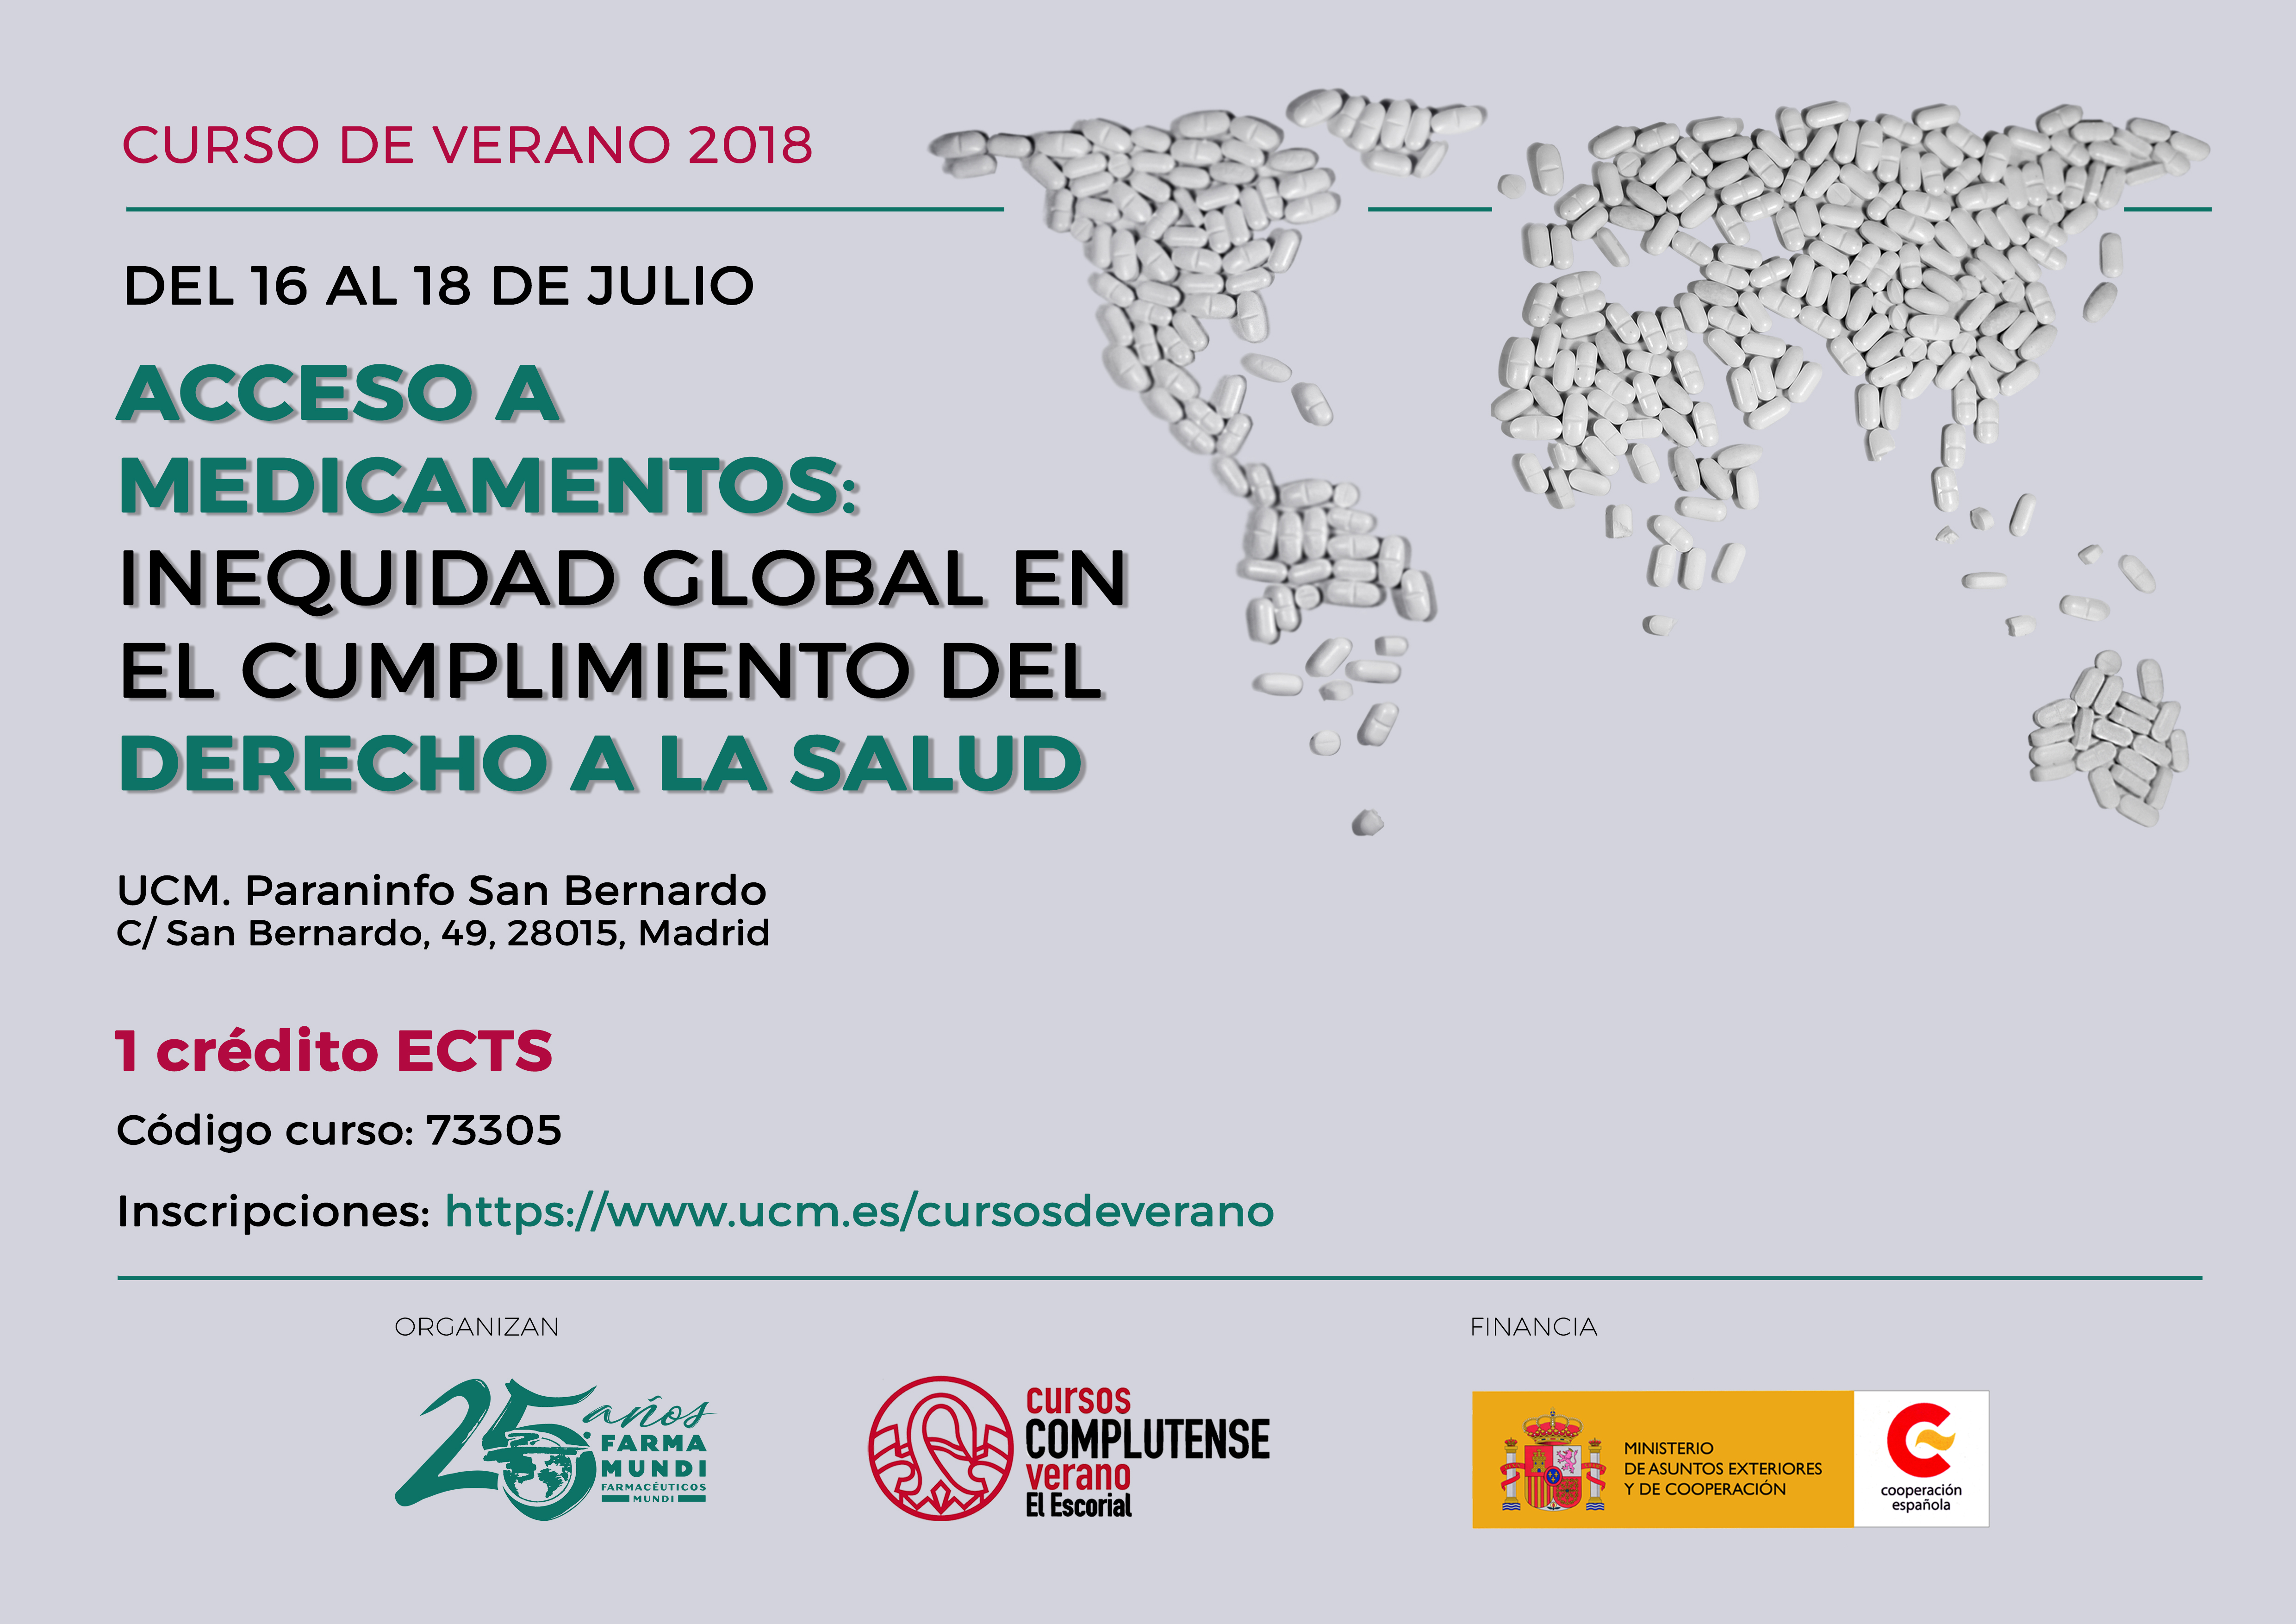 Curso de verano Cátedra Farmamundi | Acceso a medicamentos: inequidad global